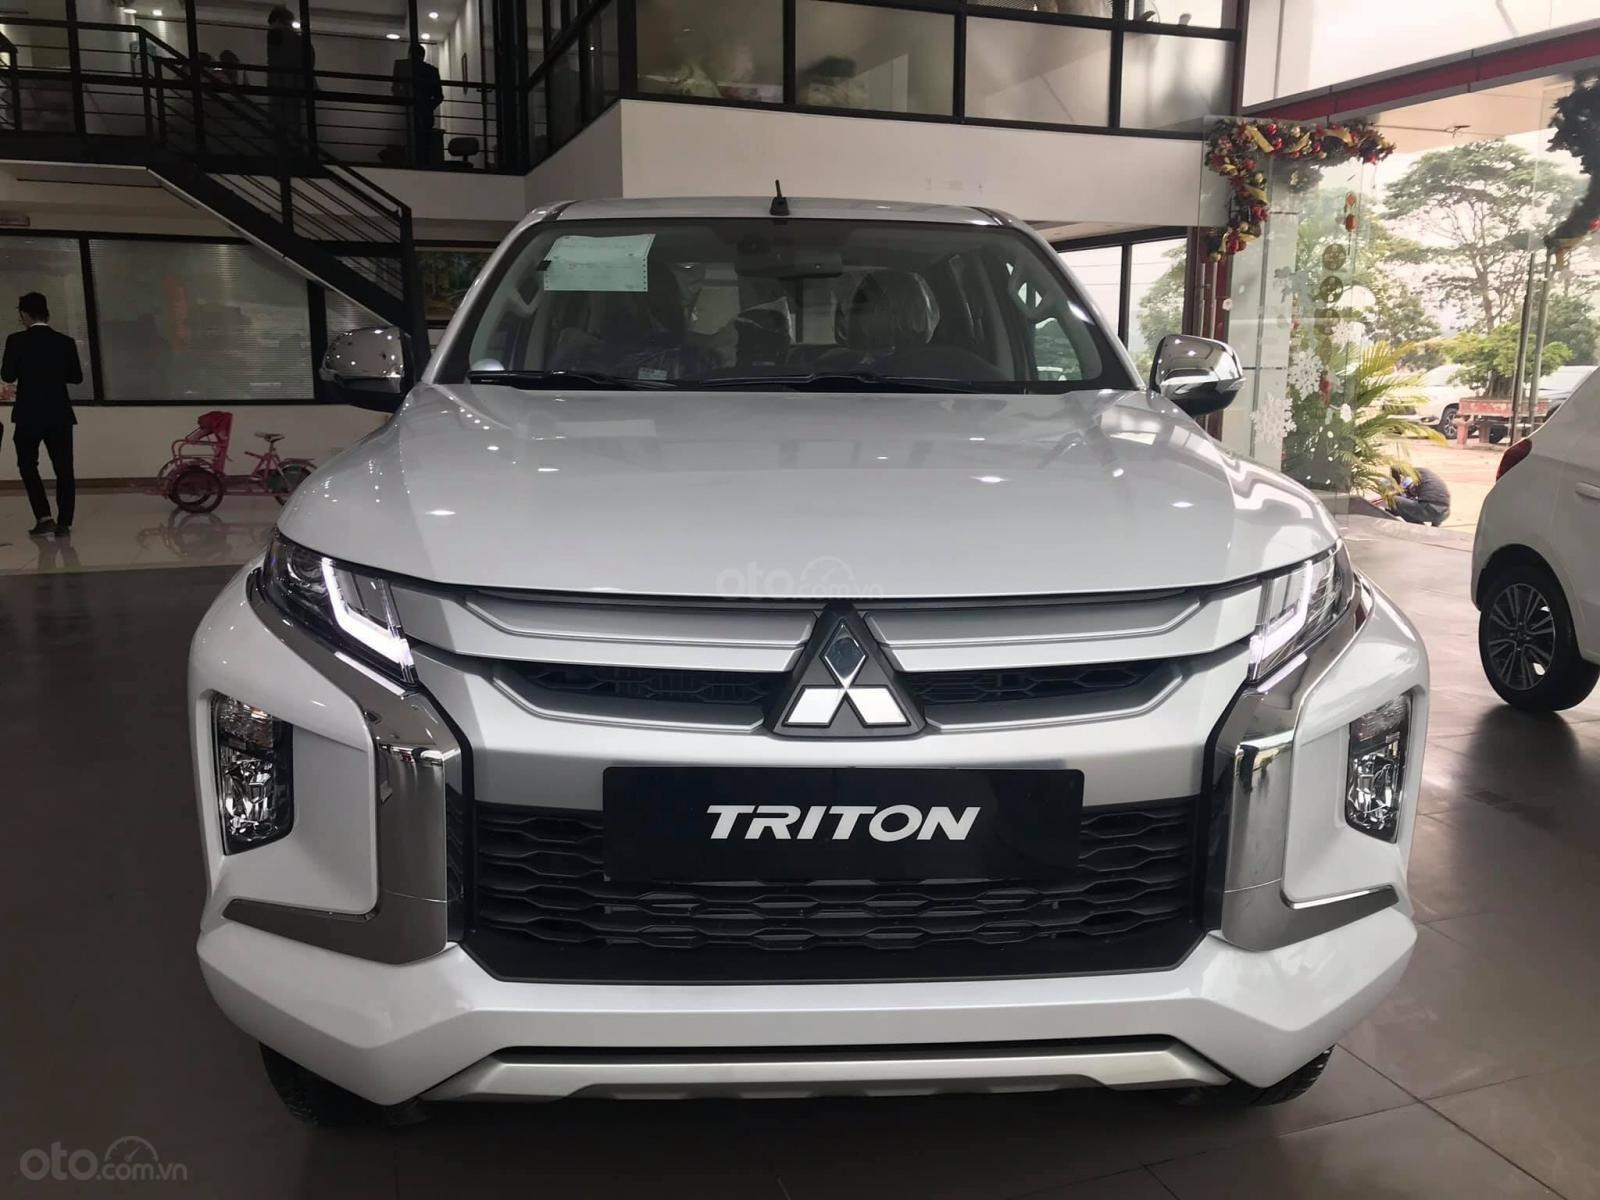 Bán ô tô Mitsubishi Triton sản xuất 2019, màu xám (ghi), xe nhập-5